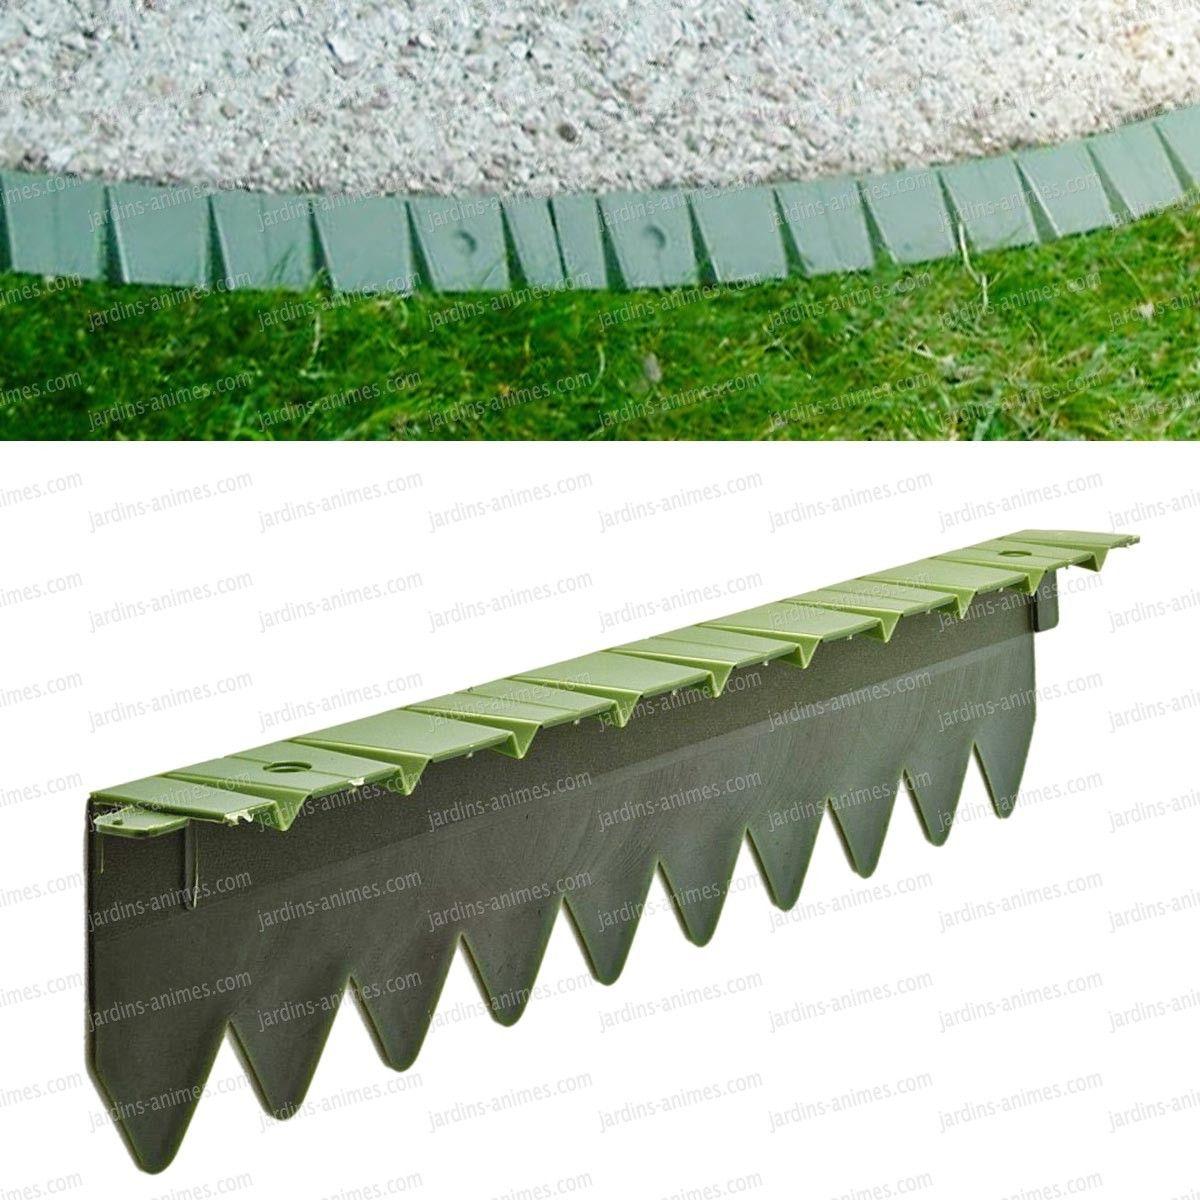 Bordurette Pelouse Flexible En Plastique 6X50Cm | Bordure ... serapportantà Bordure Jardin Caoutchouc